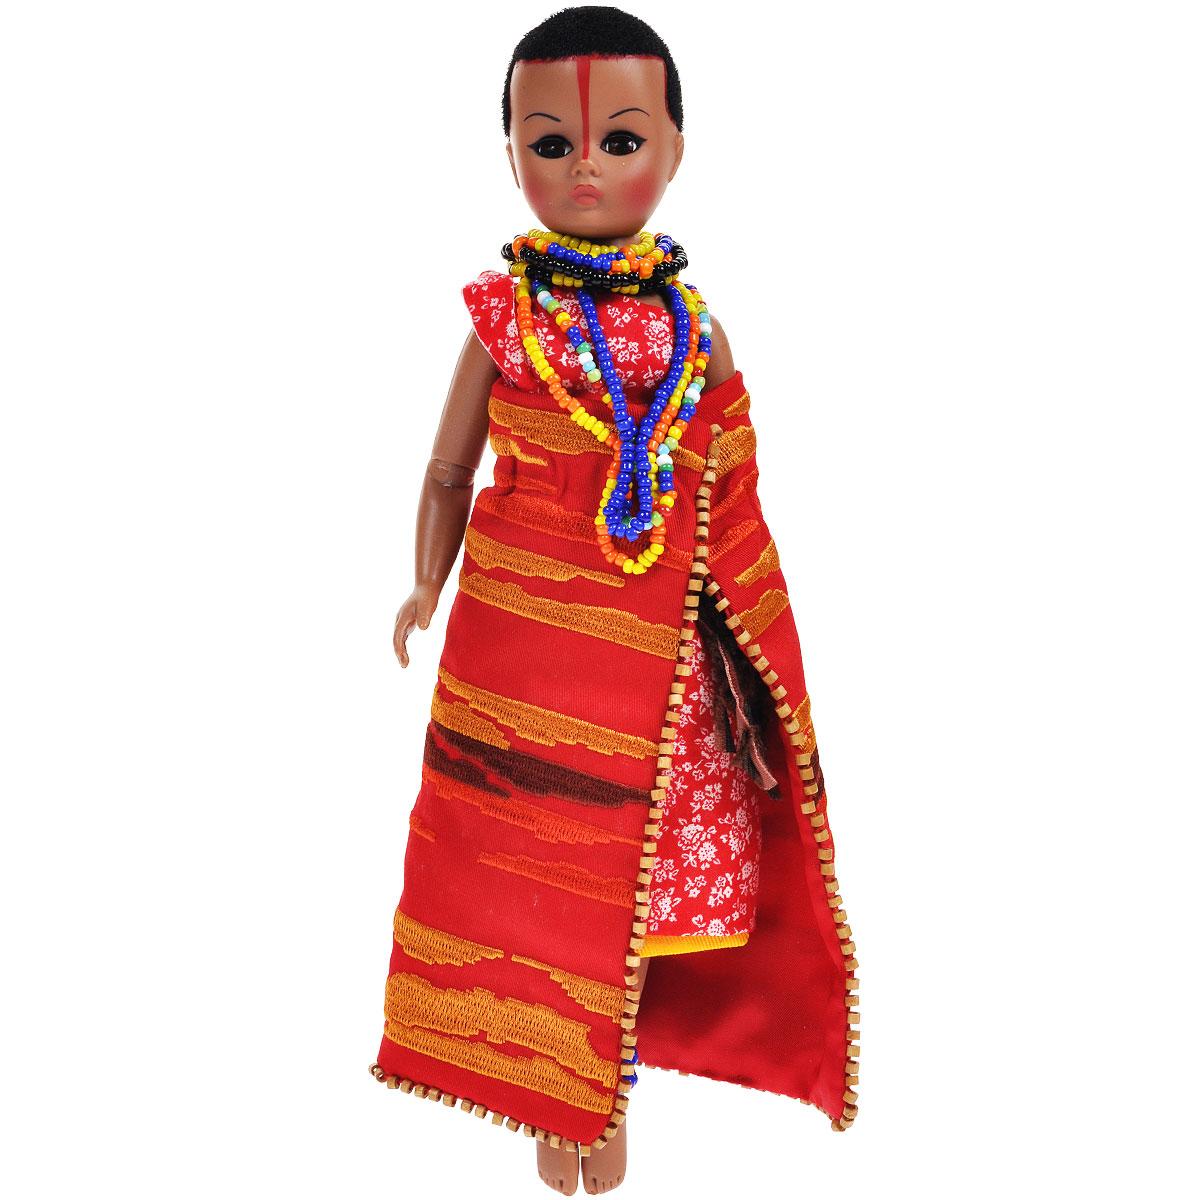 Madame Alexander Кукла Из племени Масаи64520Кукла Madame Alexander Из племени Масаи станет прекрасным украшением любой коллекции. У куклы, изображающей женщину из древнего африканского племени Масаи, личико Сисси, карие глаза и короткие черные волосы. Одета кукла в традиционный масайский наряд - красное с белым платье с открытым плечом, вокруг пояса коричневый ремень с бахромой. Поверх платья надет красный плащ с золотым абстрактным узором. На шее длинное ожерелье из бисера, на ногах - браслеты. Реалистичные глазки куклы закрываются, если положить ее на спину.